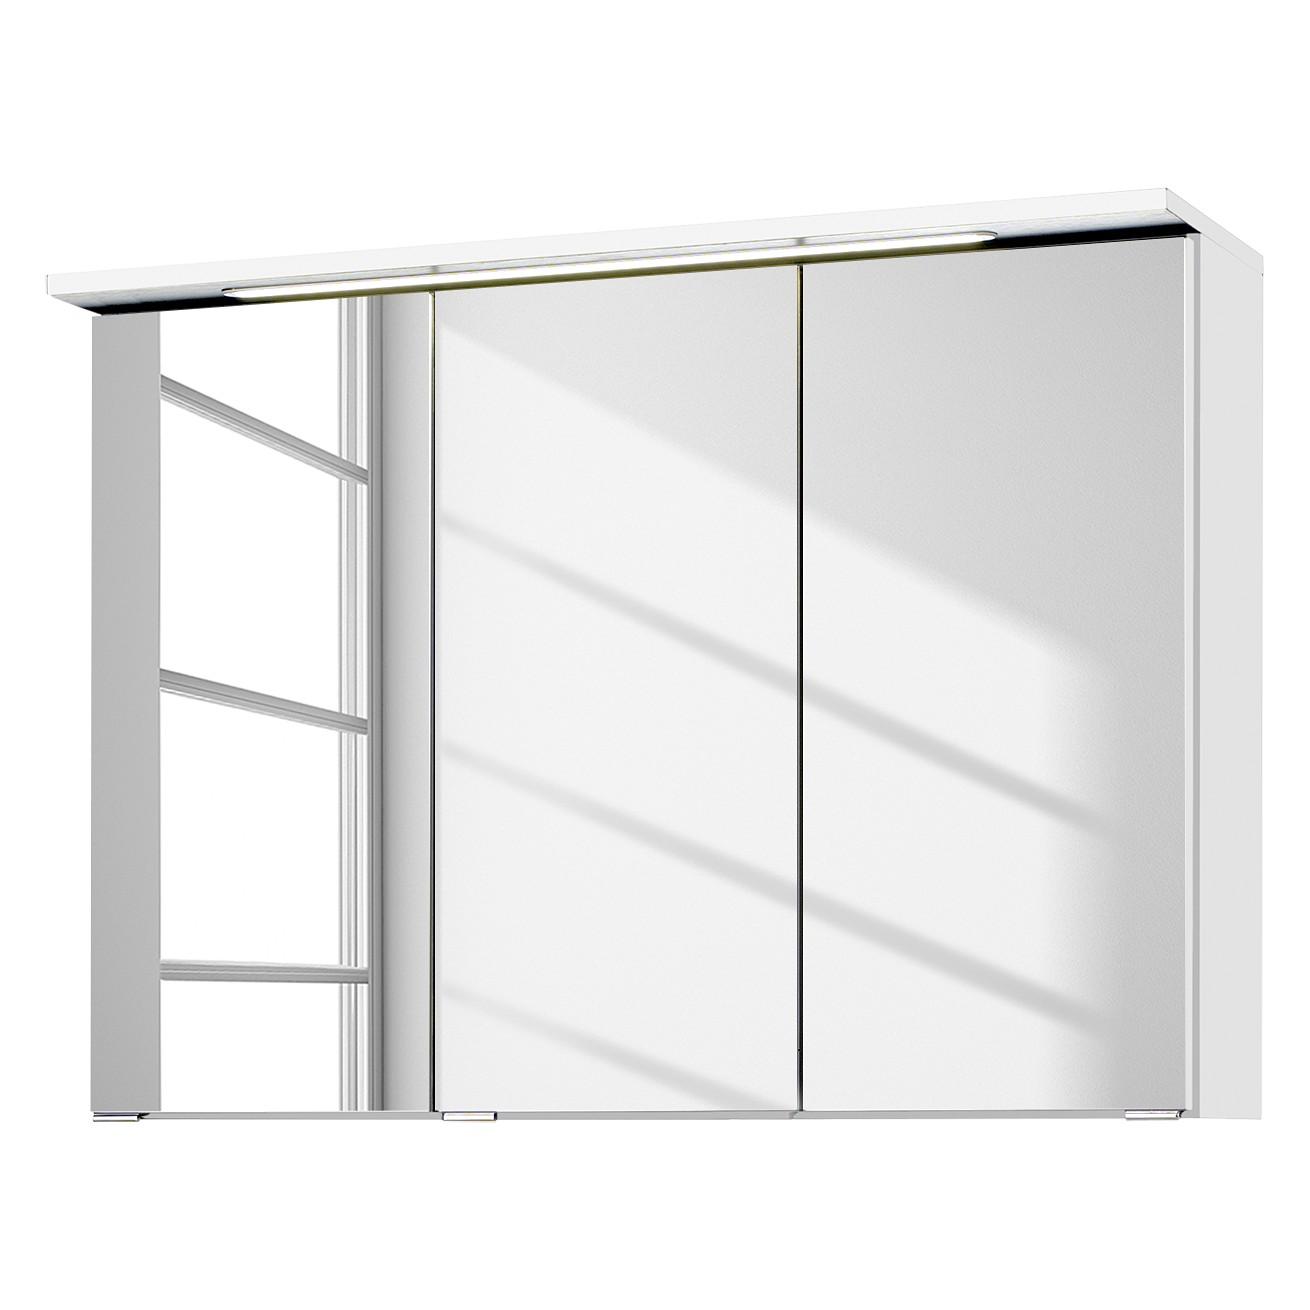 Armadietto a specchio Zeehan - Bianco - 90 cm, Fredriks